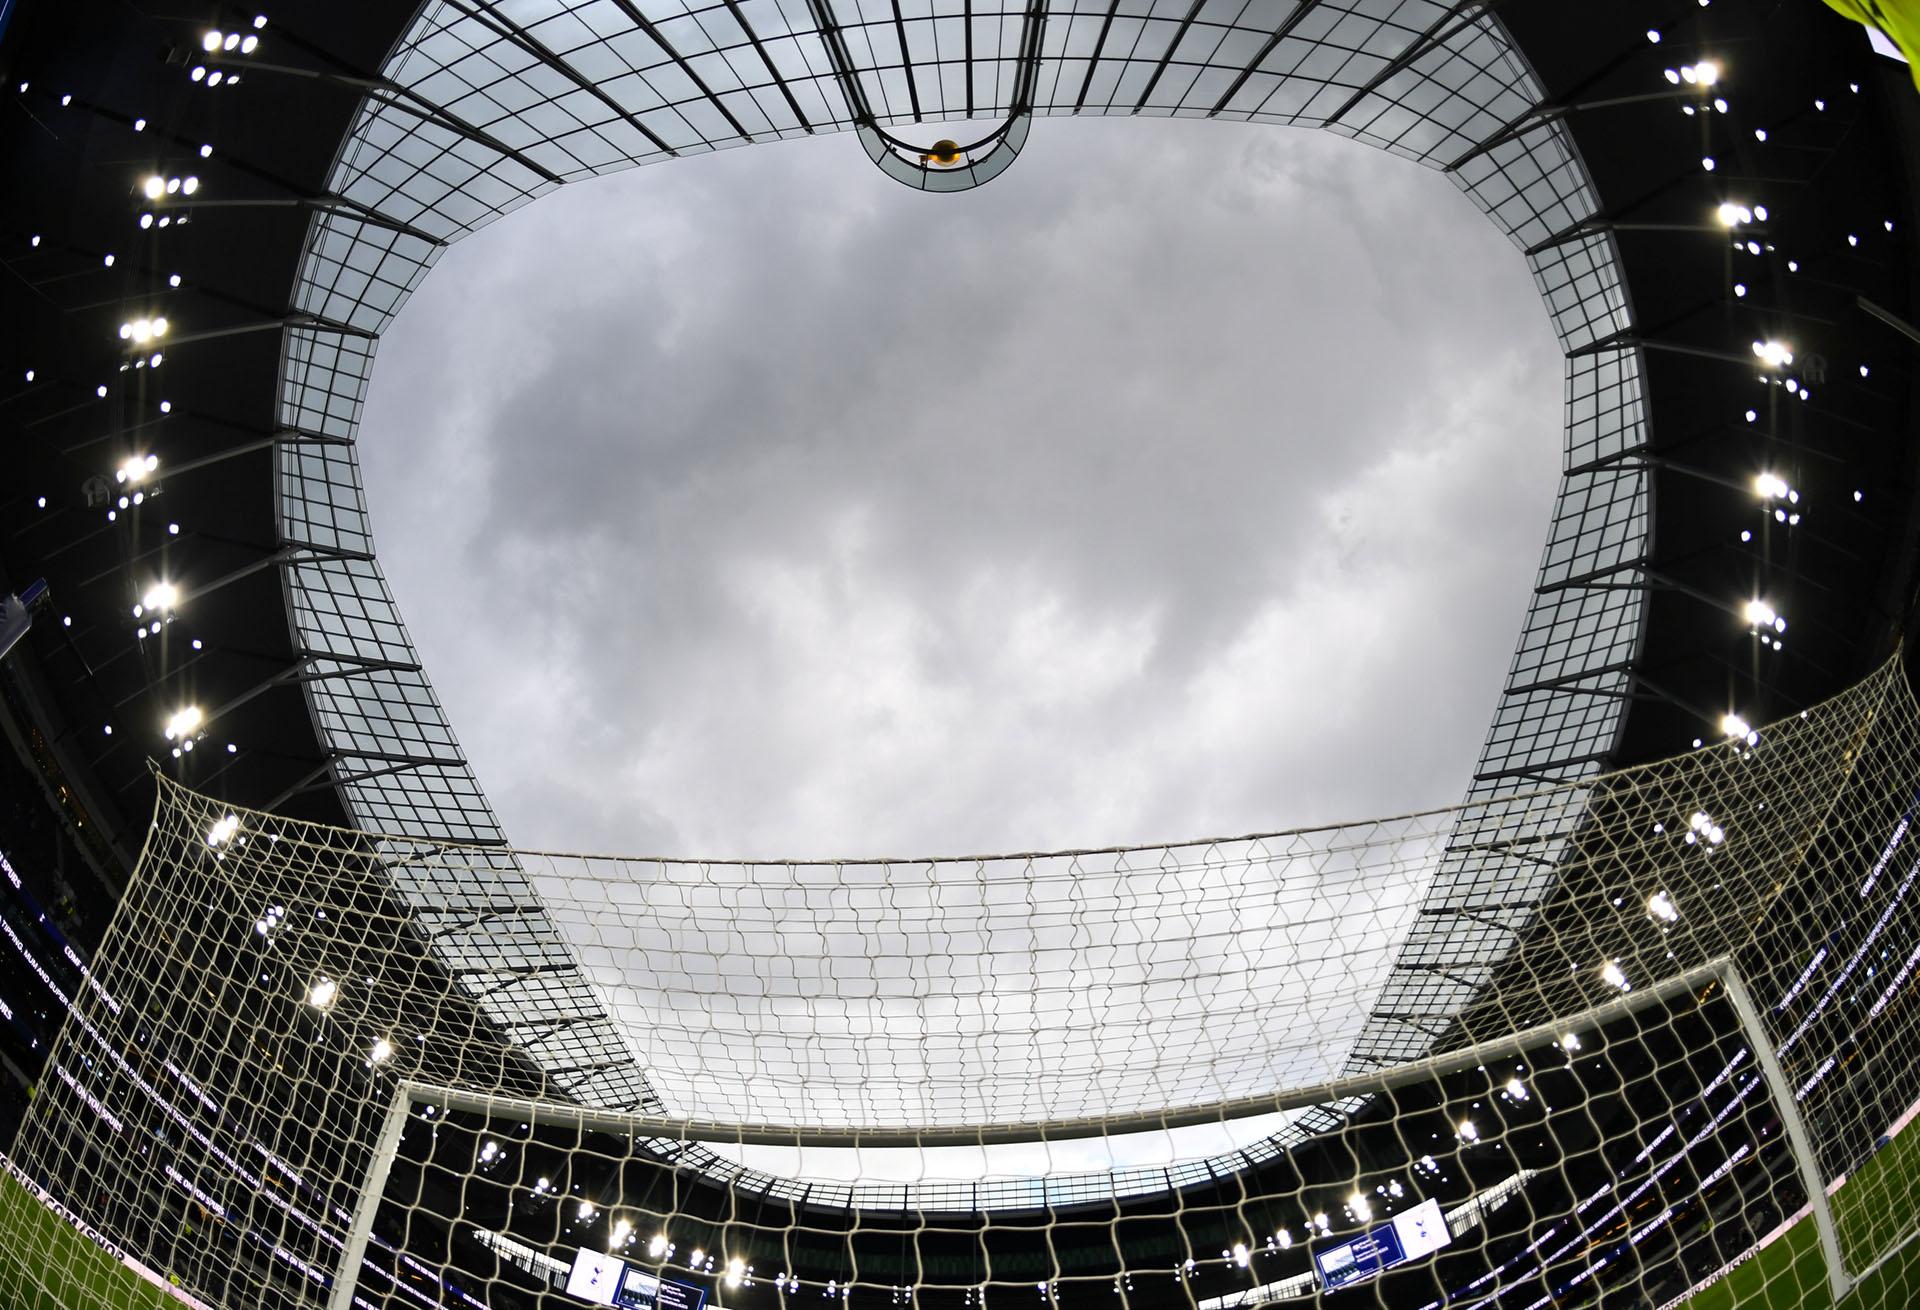 El anterior estadio, ubicado en el mismo sitio, aunque en un terreno menor, tenía lugar para 36.000 espectadores